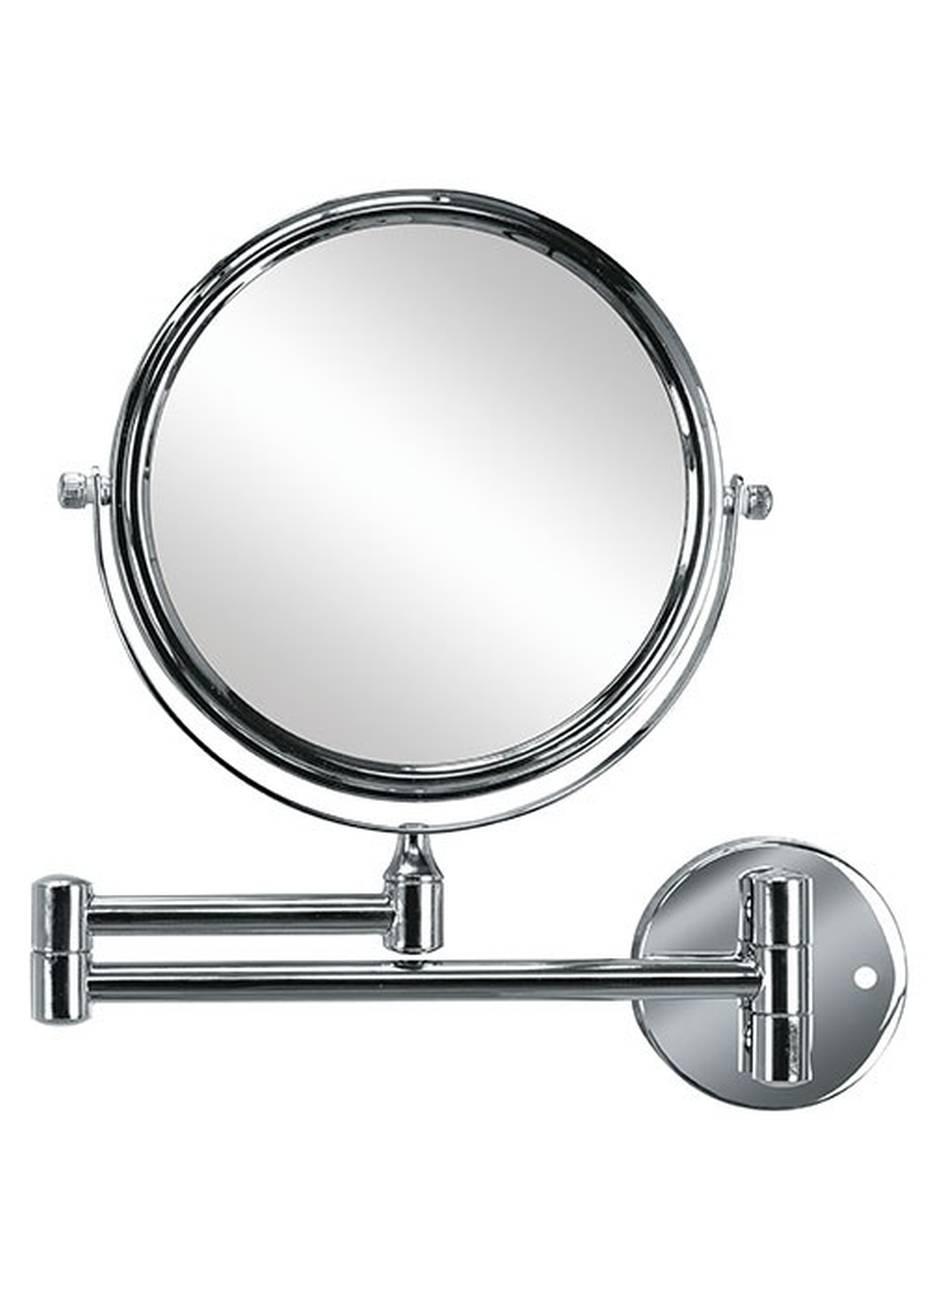 Kosmetikspiegel Ridge Mirror Metall chromiert/Glas Silber Spiegel